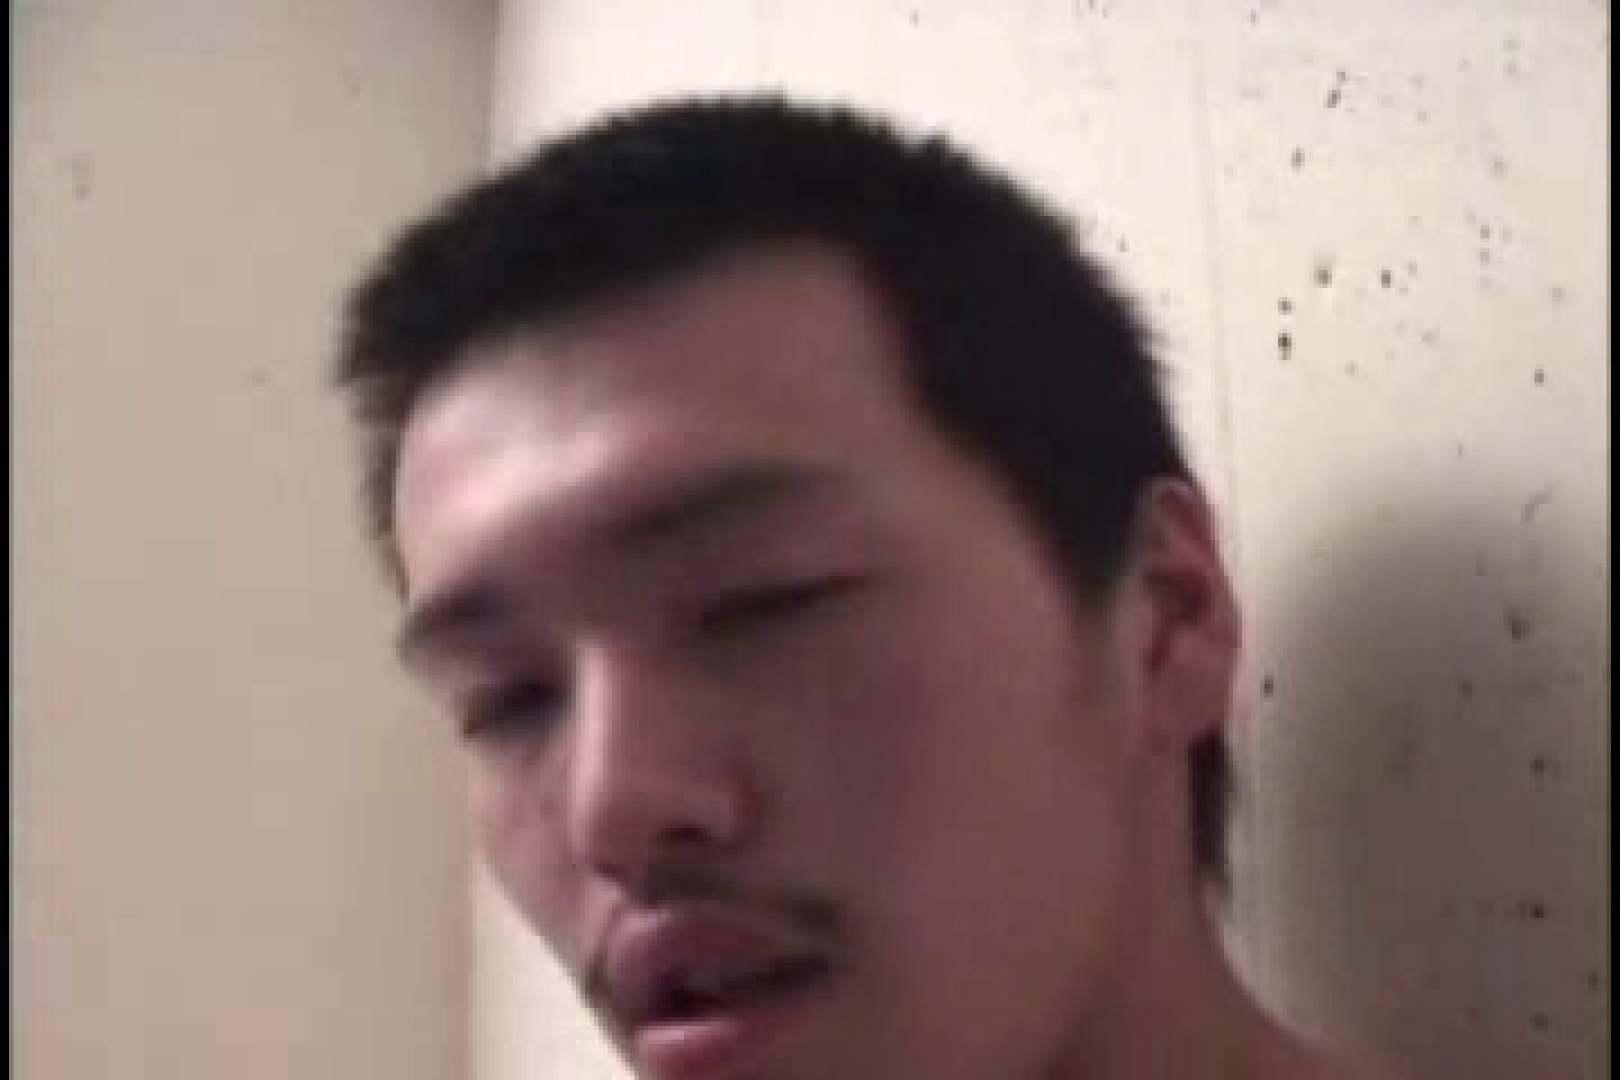 俺のこと買わないか!? vol.01 男のゲイ天国 ゲイアダルト画像 10枚 6